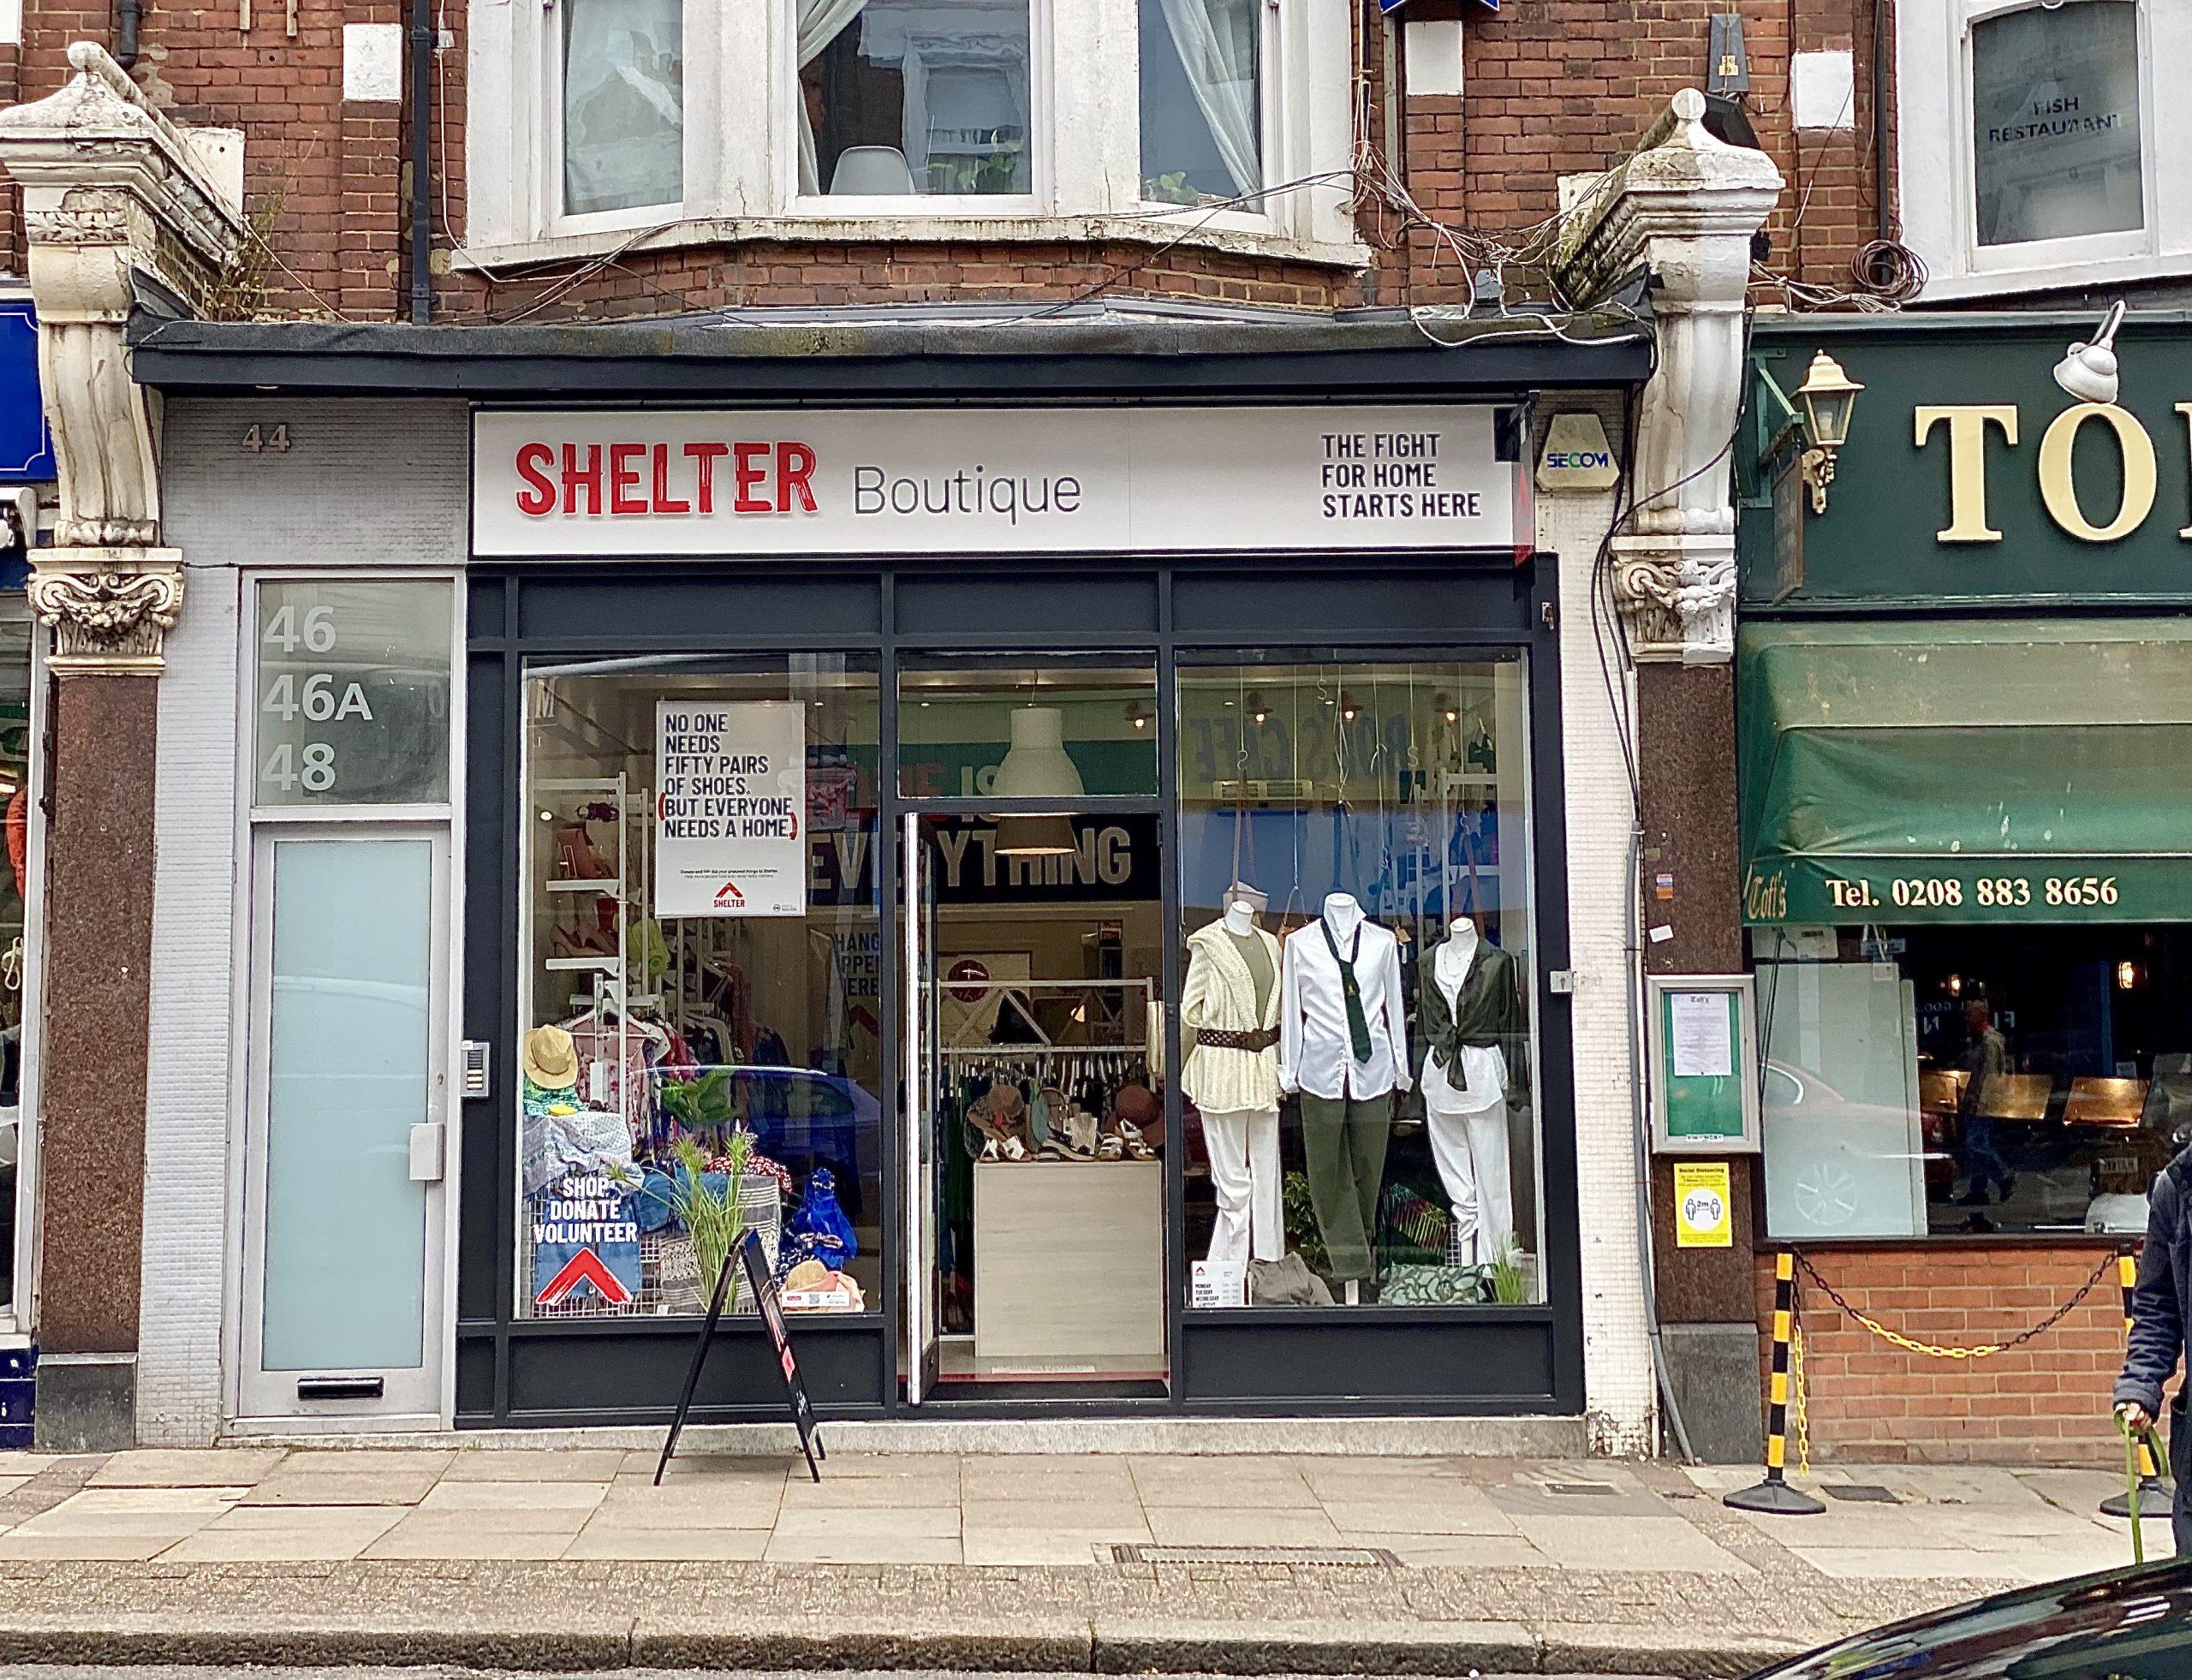 Shelter Boutique July 2021